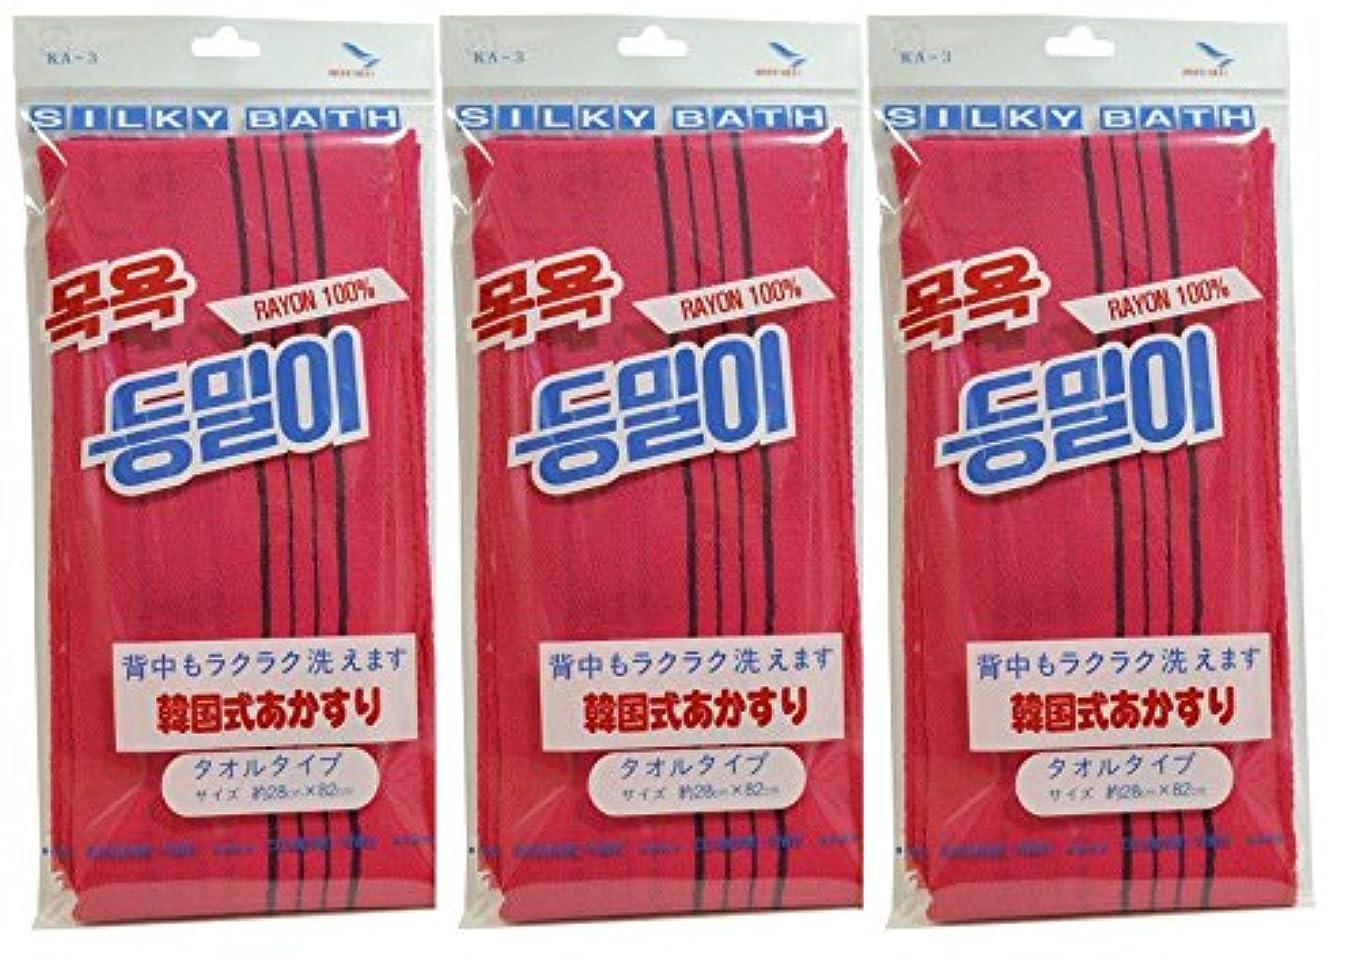 ピュー疎外するお風呂を持っている韓国発 韓国式あかすり タオルタイプ(KA-3)レッド×3個セット